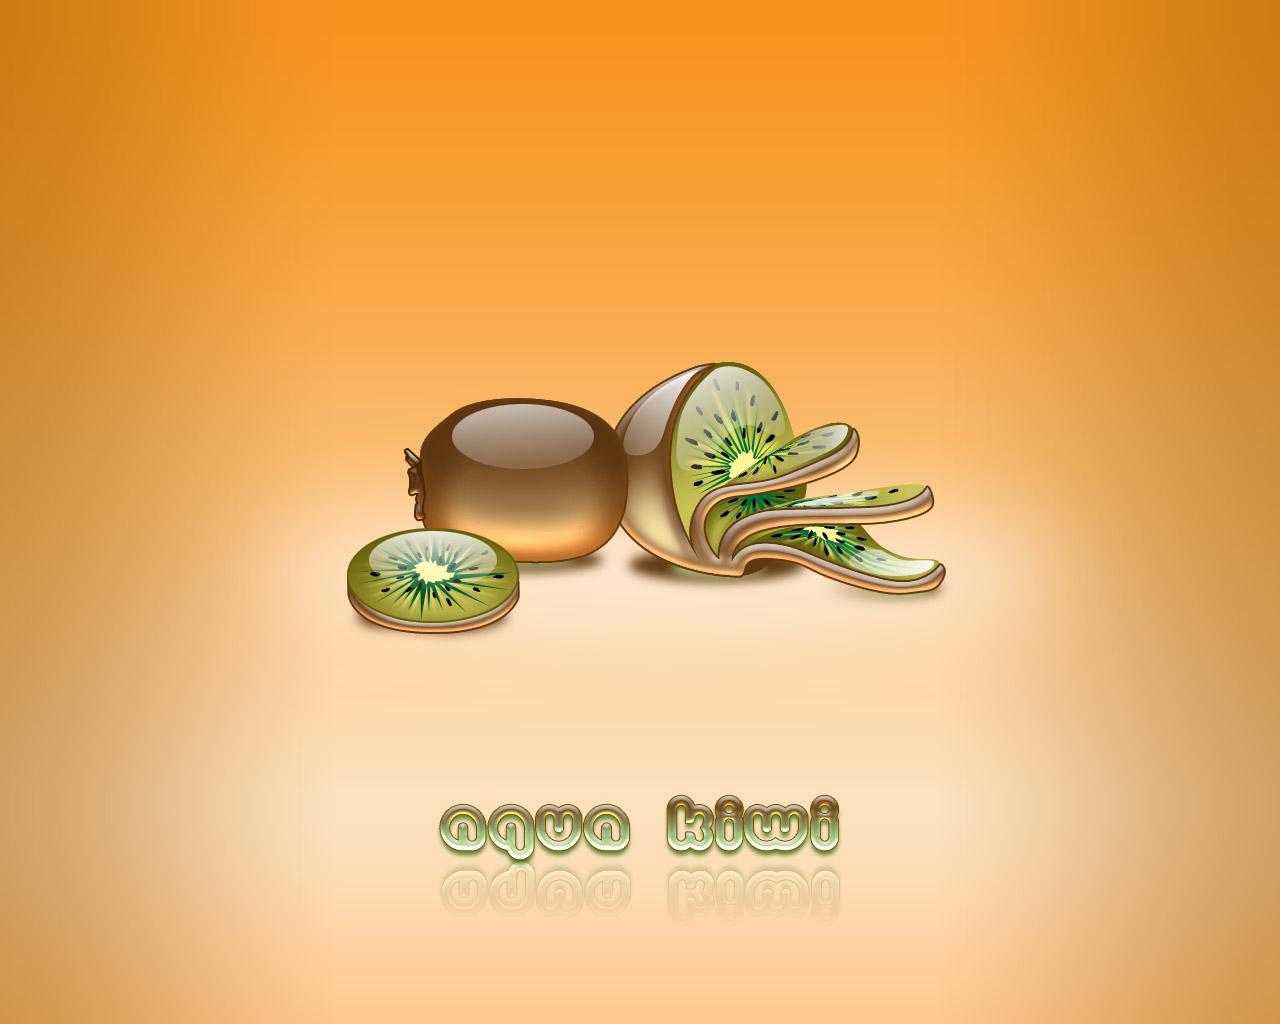 http://4.bp.blogspot.com/-JopyxOGHEz0/TmN_idM2Y8I/AAAAAAAAFiw/7LQknE02Y3U/s1600/Aqua+Kiwi+05.jpg